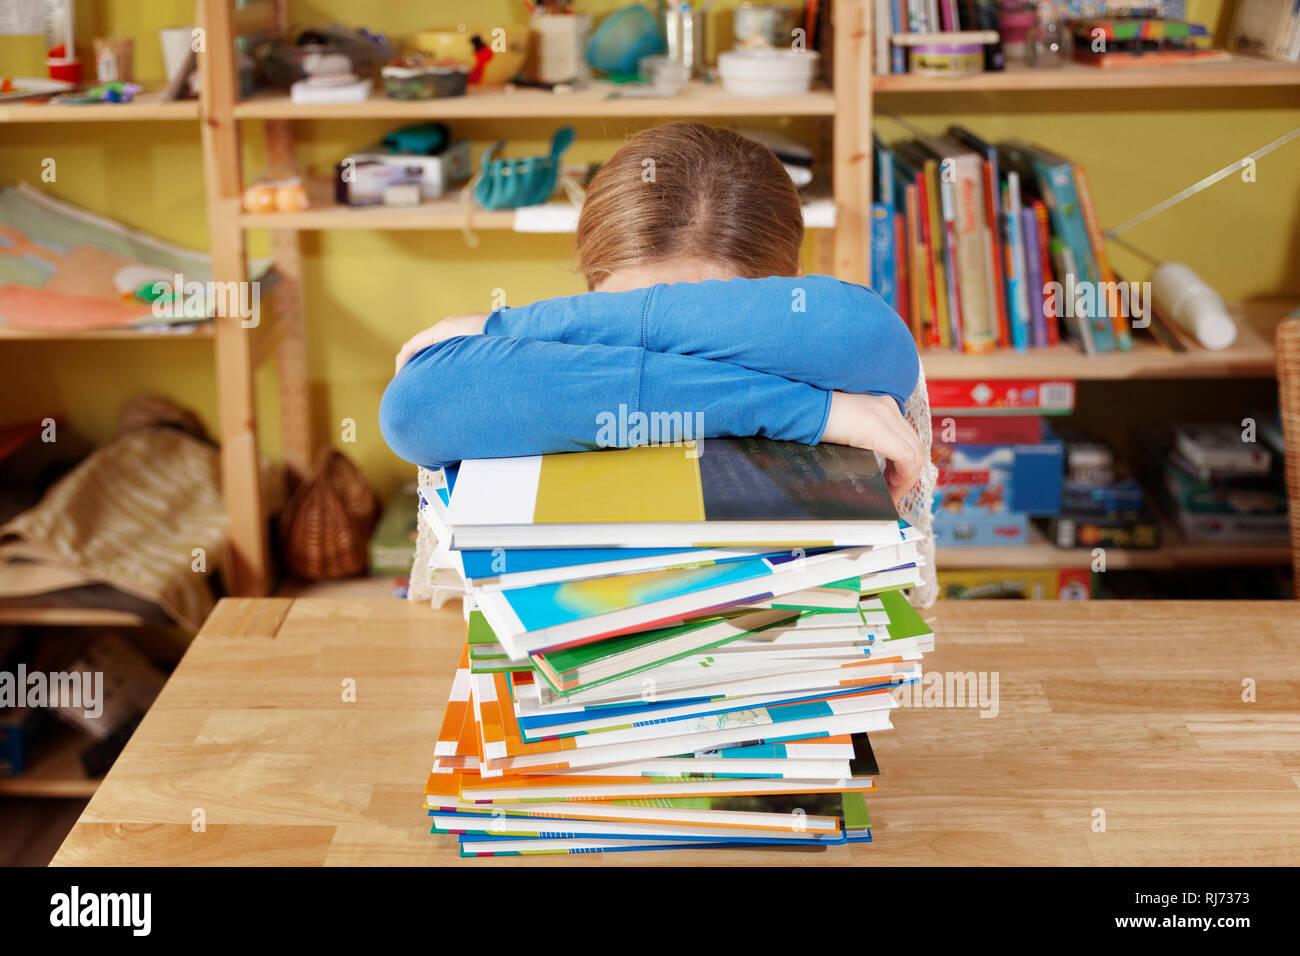 Mädchen, 10 Jahre alt, bei den Hausaufgaben, lehnt über einem Stapel Bücher, überfordert - Stock Image